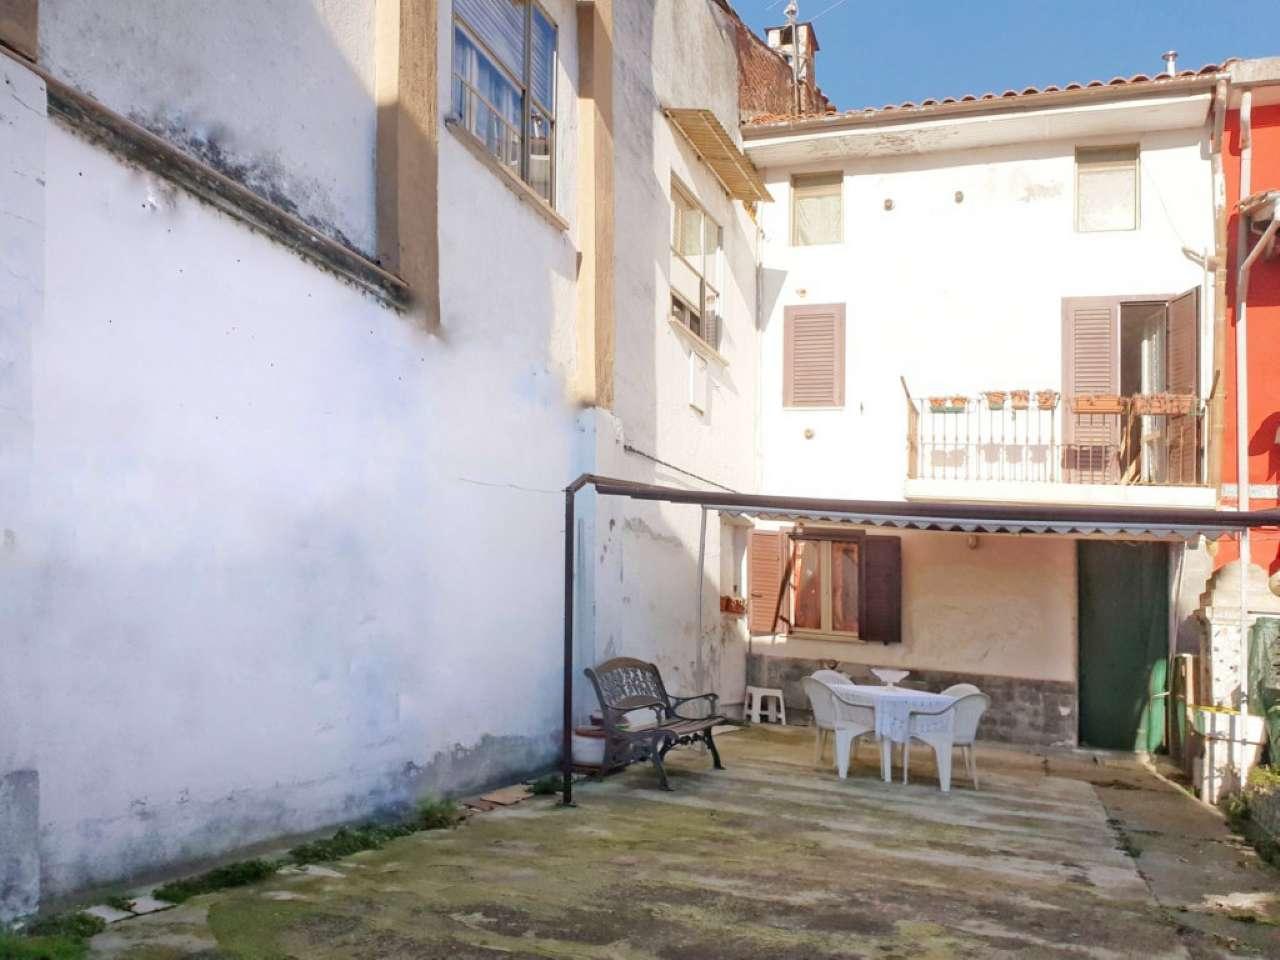 Foto 1 di Casa indipendente via Giovanni Ferraris 22, Palazzolo Vercellese